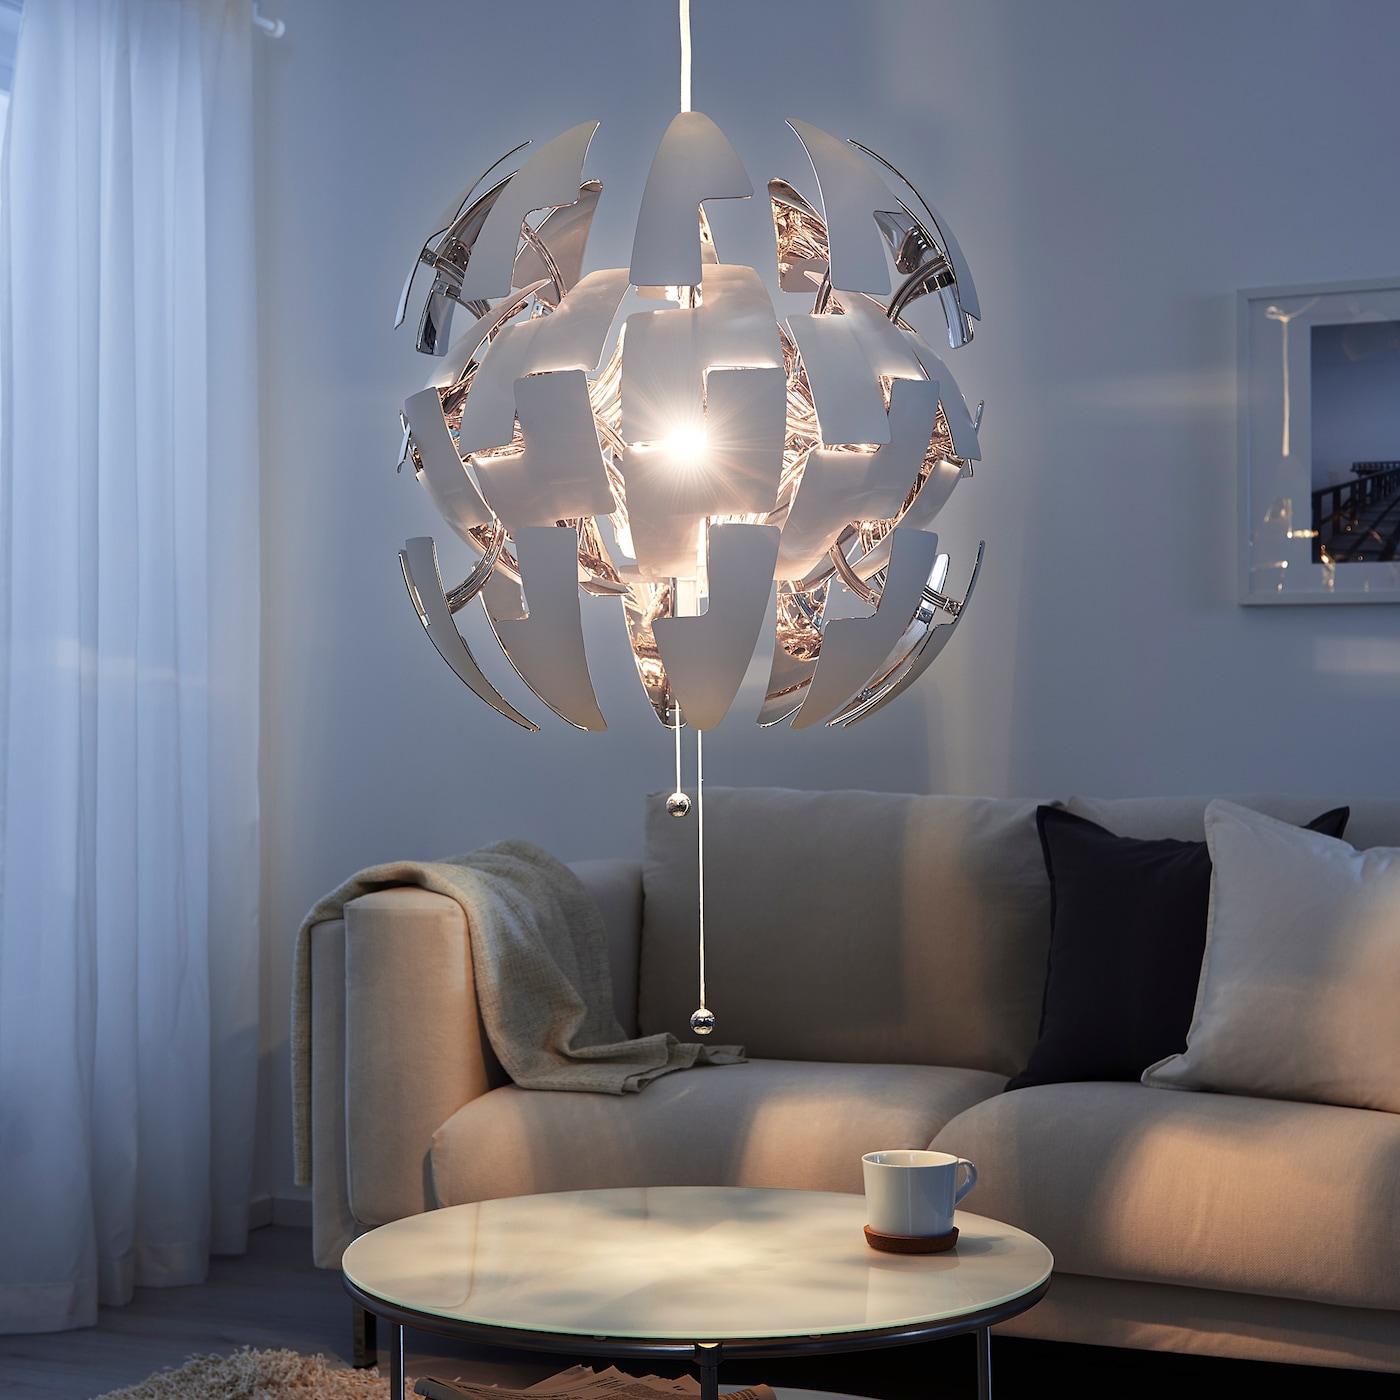 IKEA PS 2014 Taklampa vitsilverfärgad 52 cm